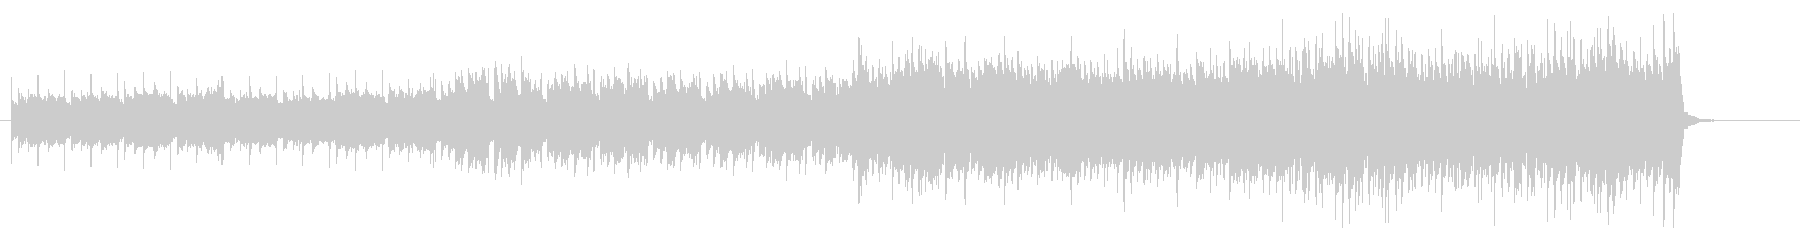 オシャレで落ち着いた雰囲気の短いBGMの未再生の波形